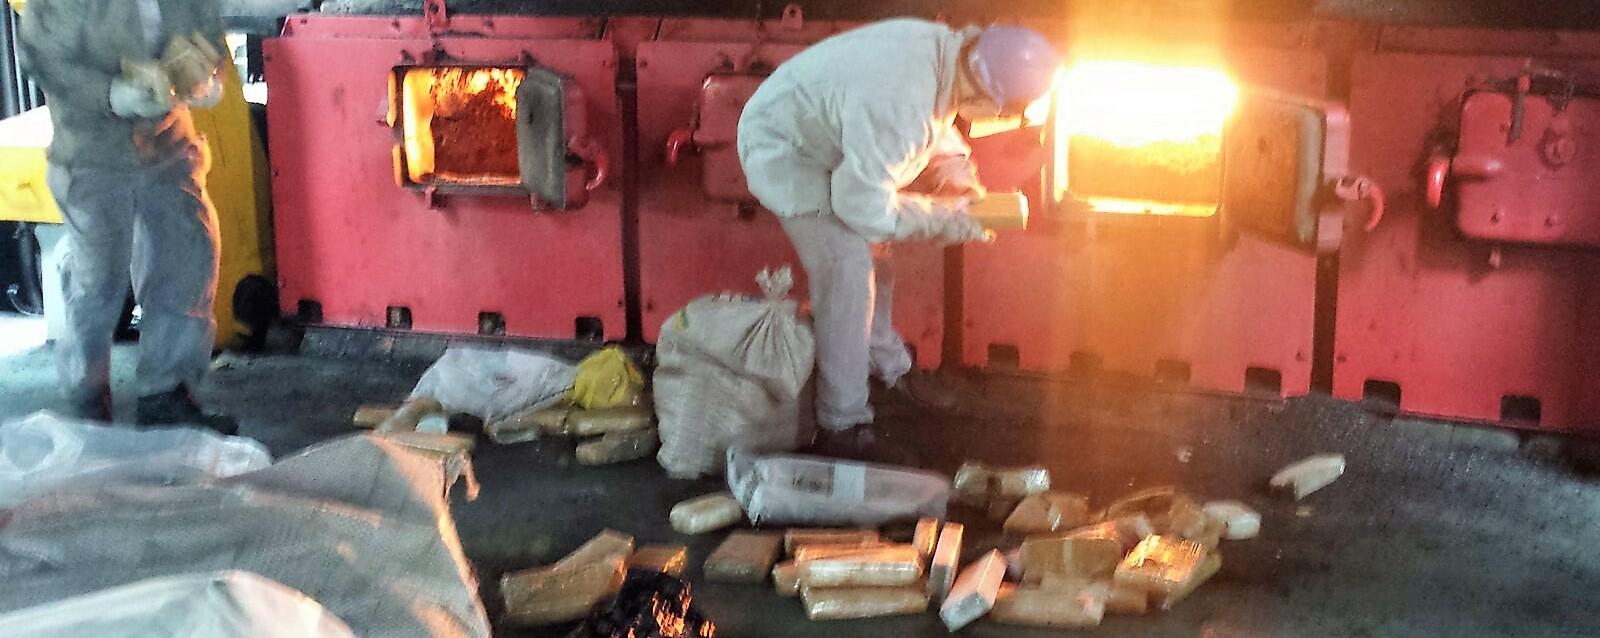 Polícia Civil destrói 707 kg de drogas apreendidas no Maranhão